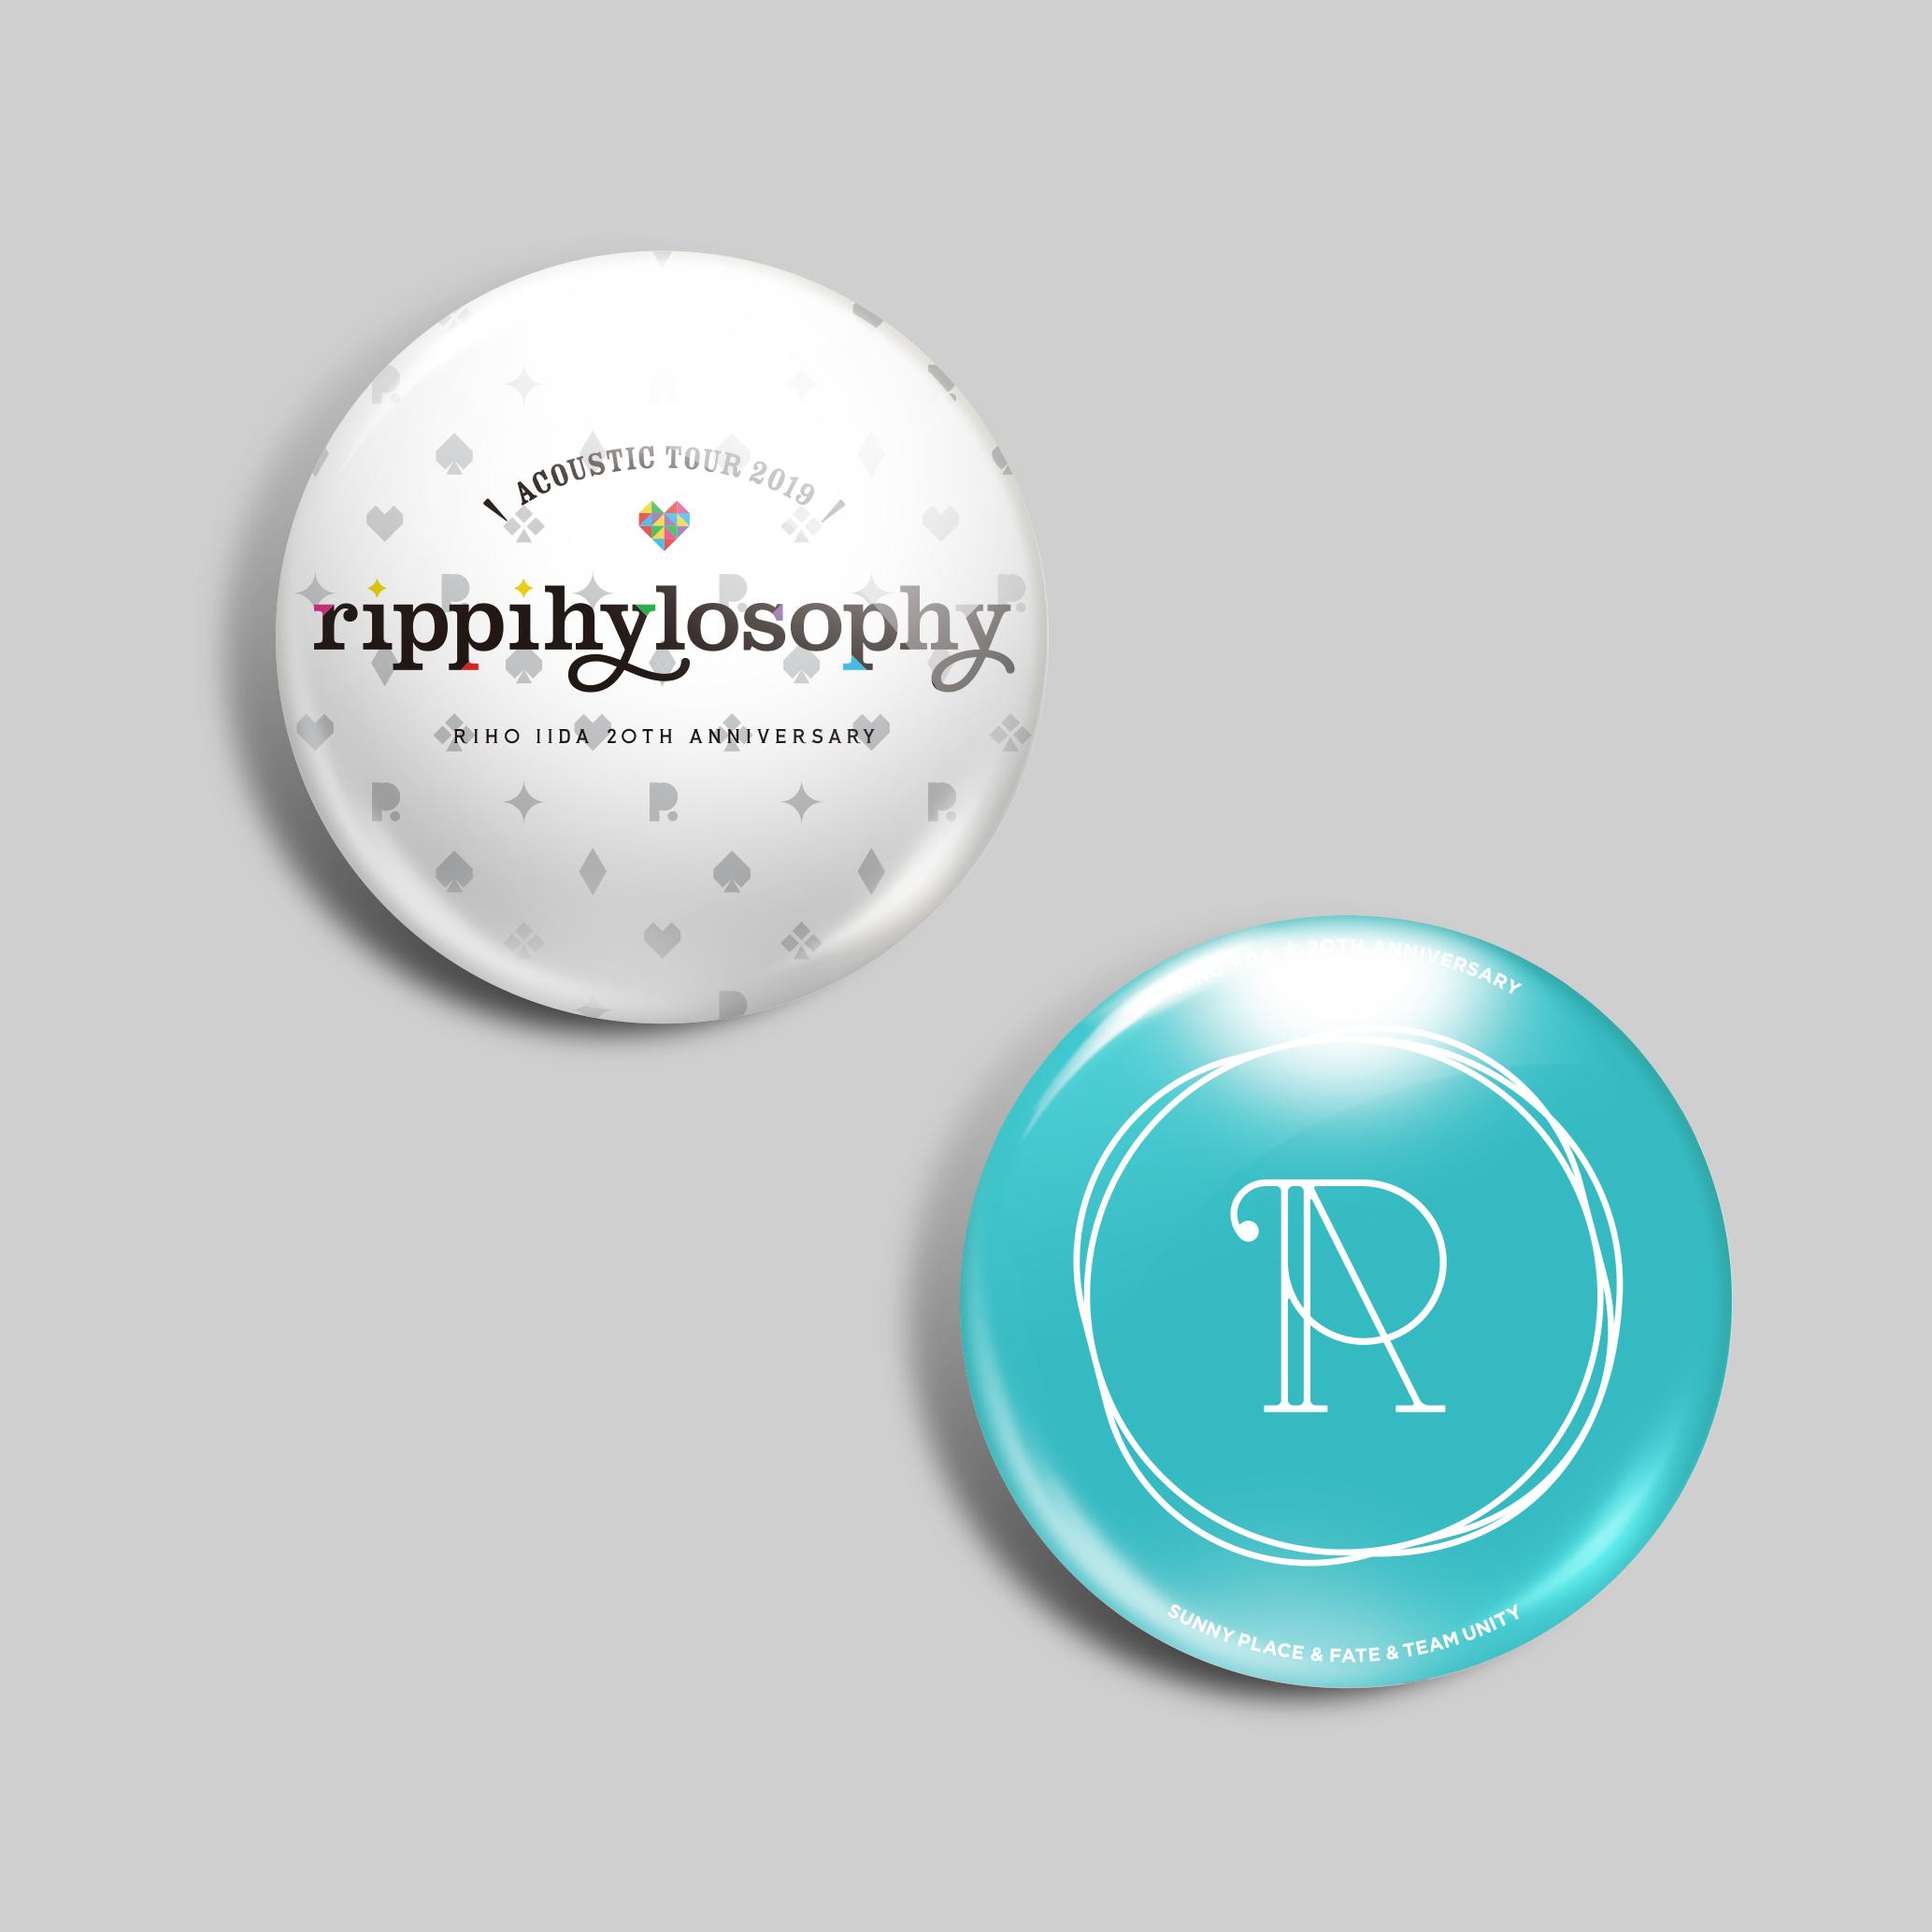 缶バッジ (2個セット) -rippihylosophy- heart